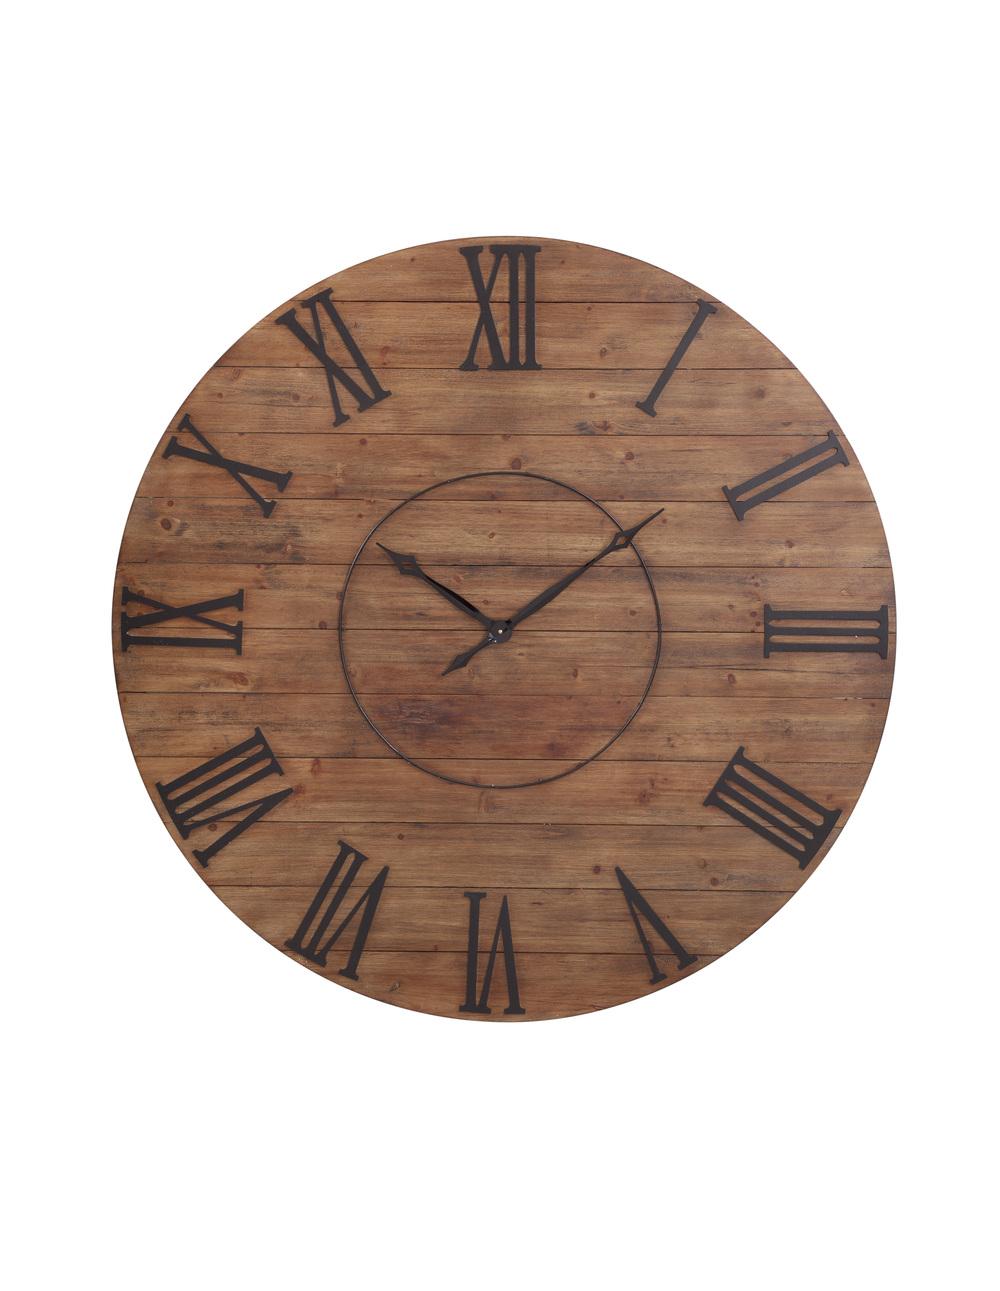 Bassett Mirror Company - Ramato Wall Clock